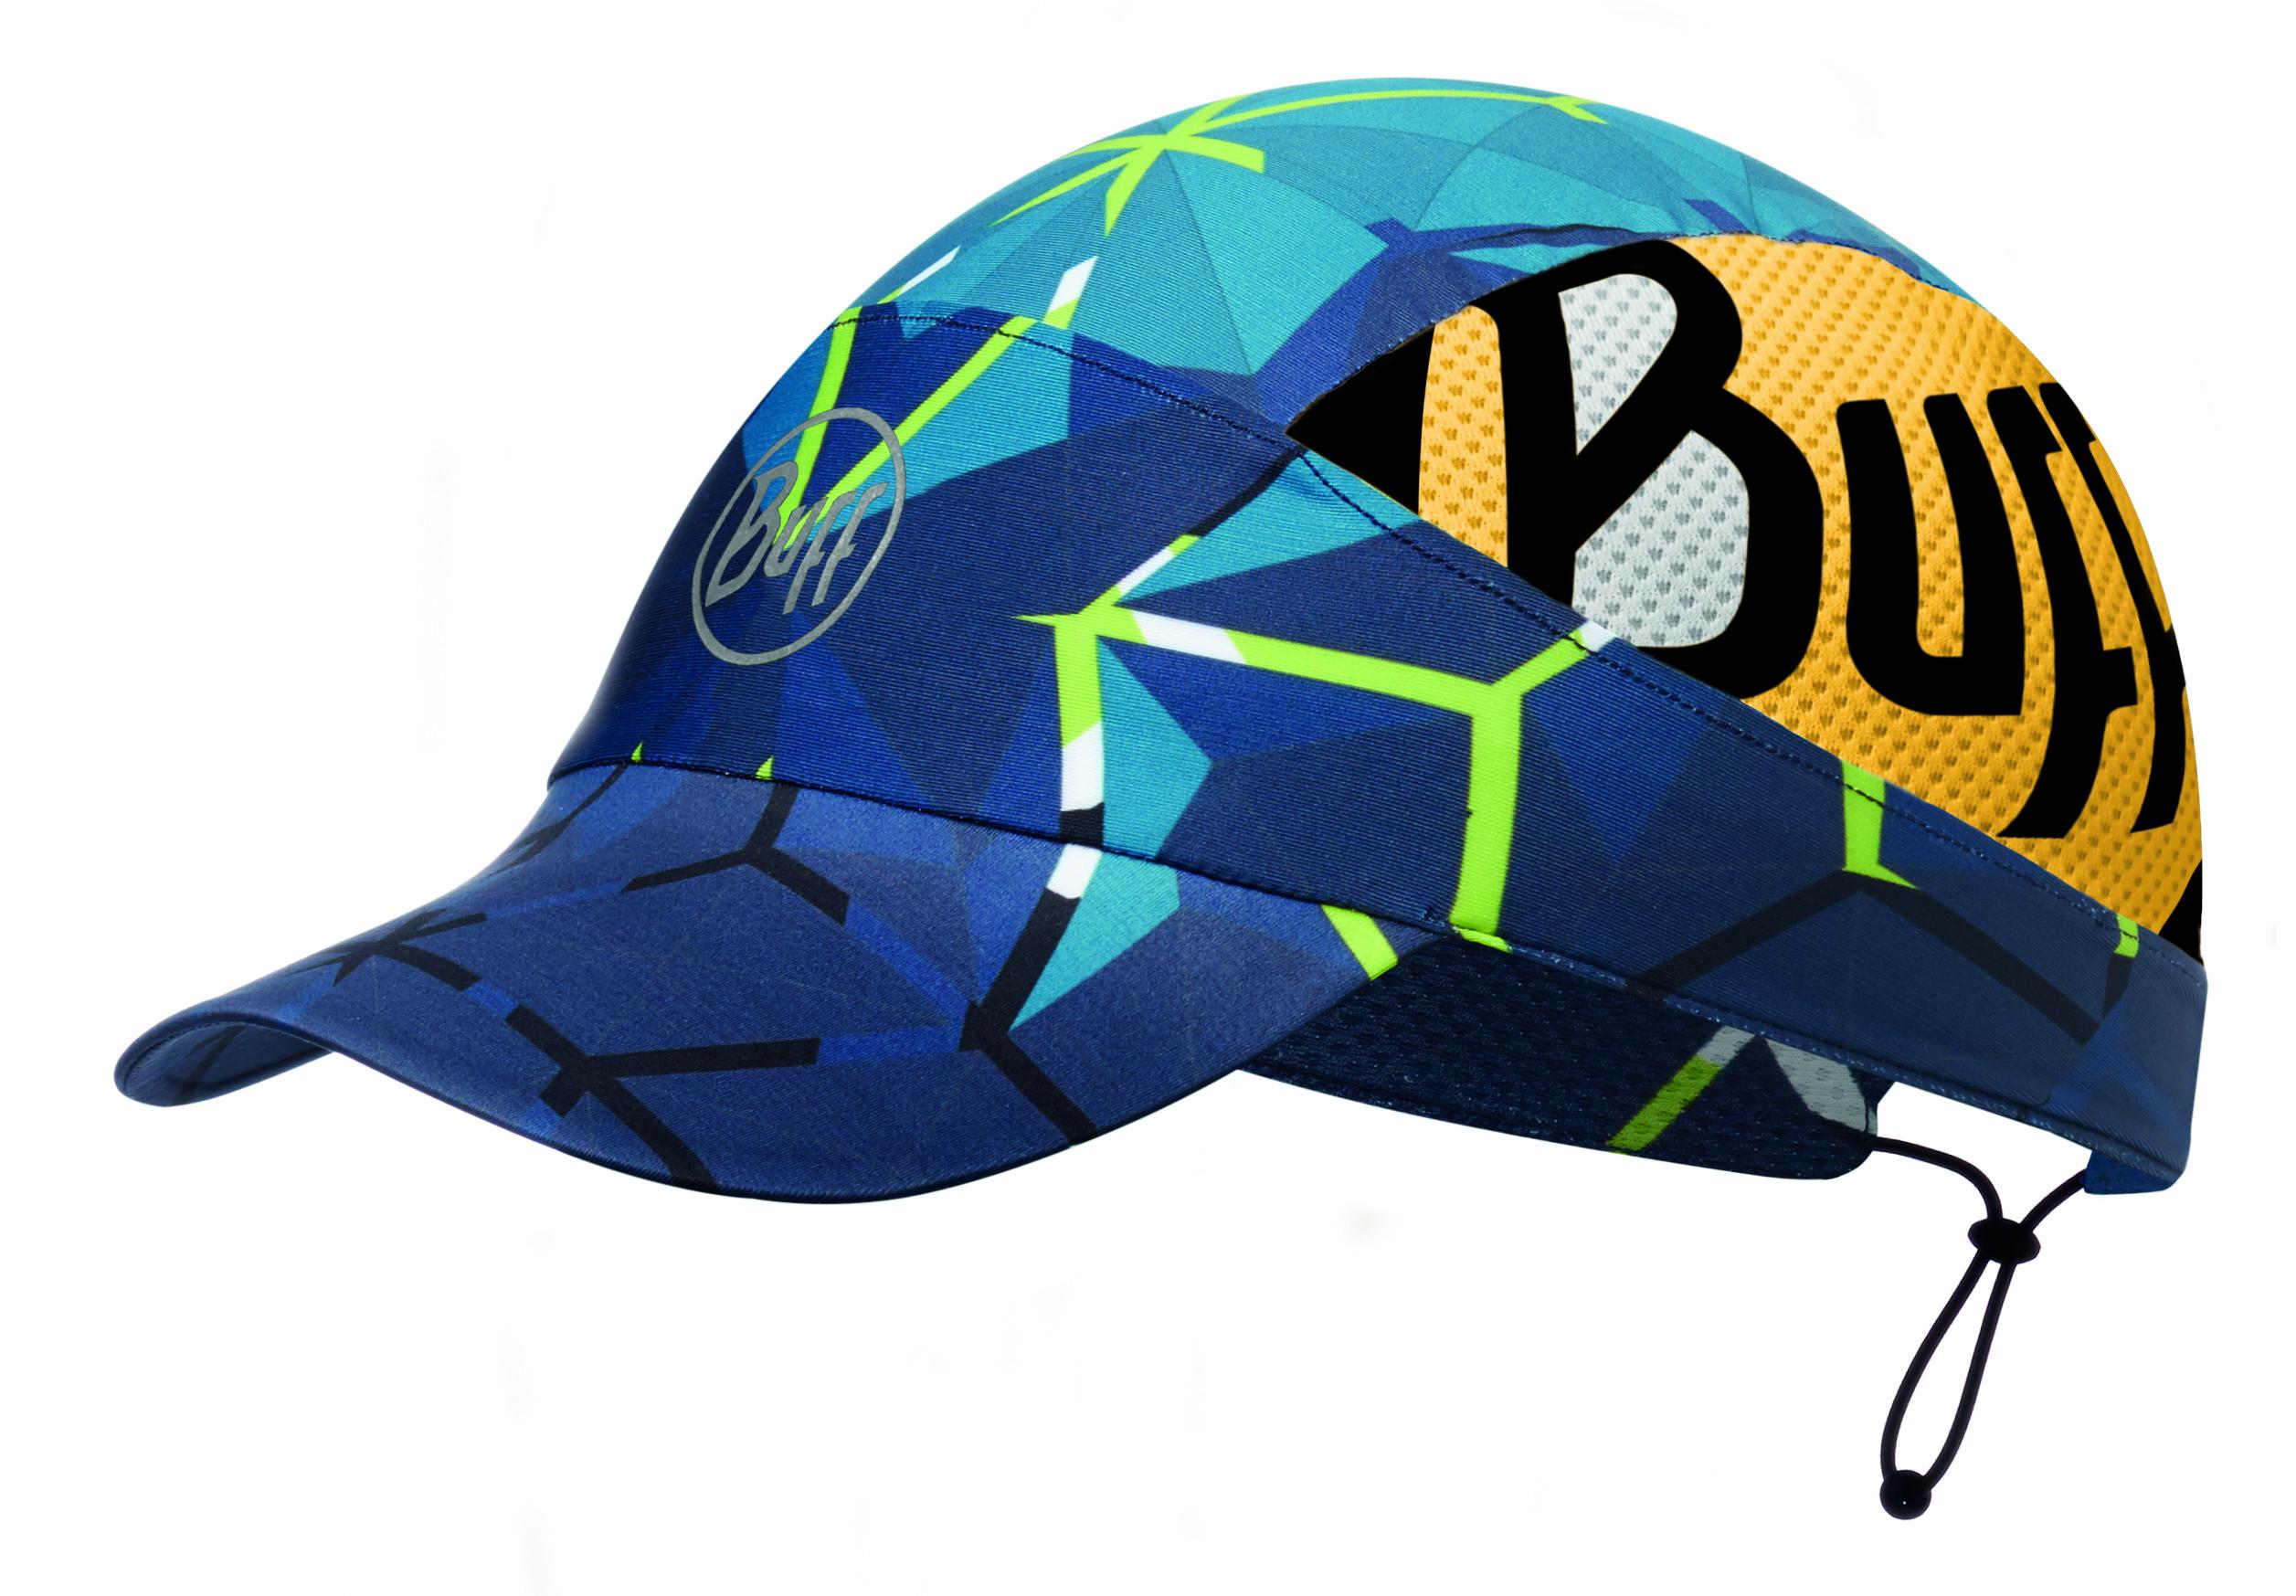 Nueva Pack Run Cap, la gorra ligera y ultra compacta para protegerte del sol